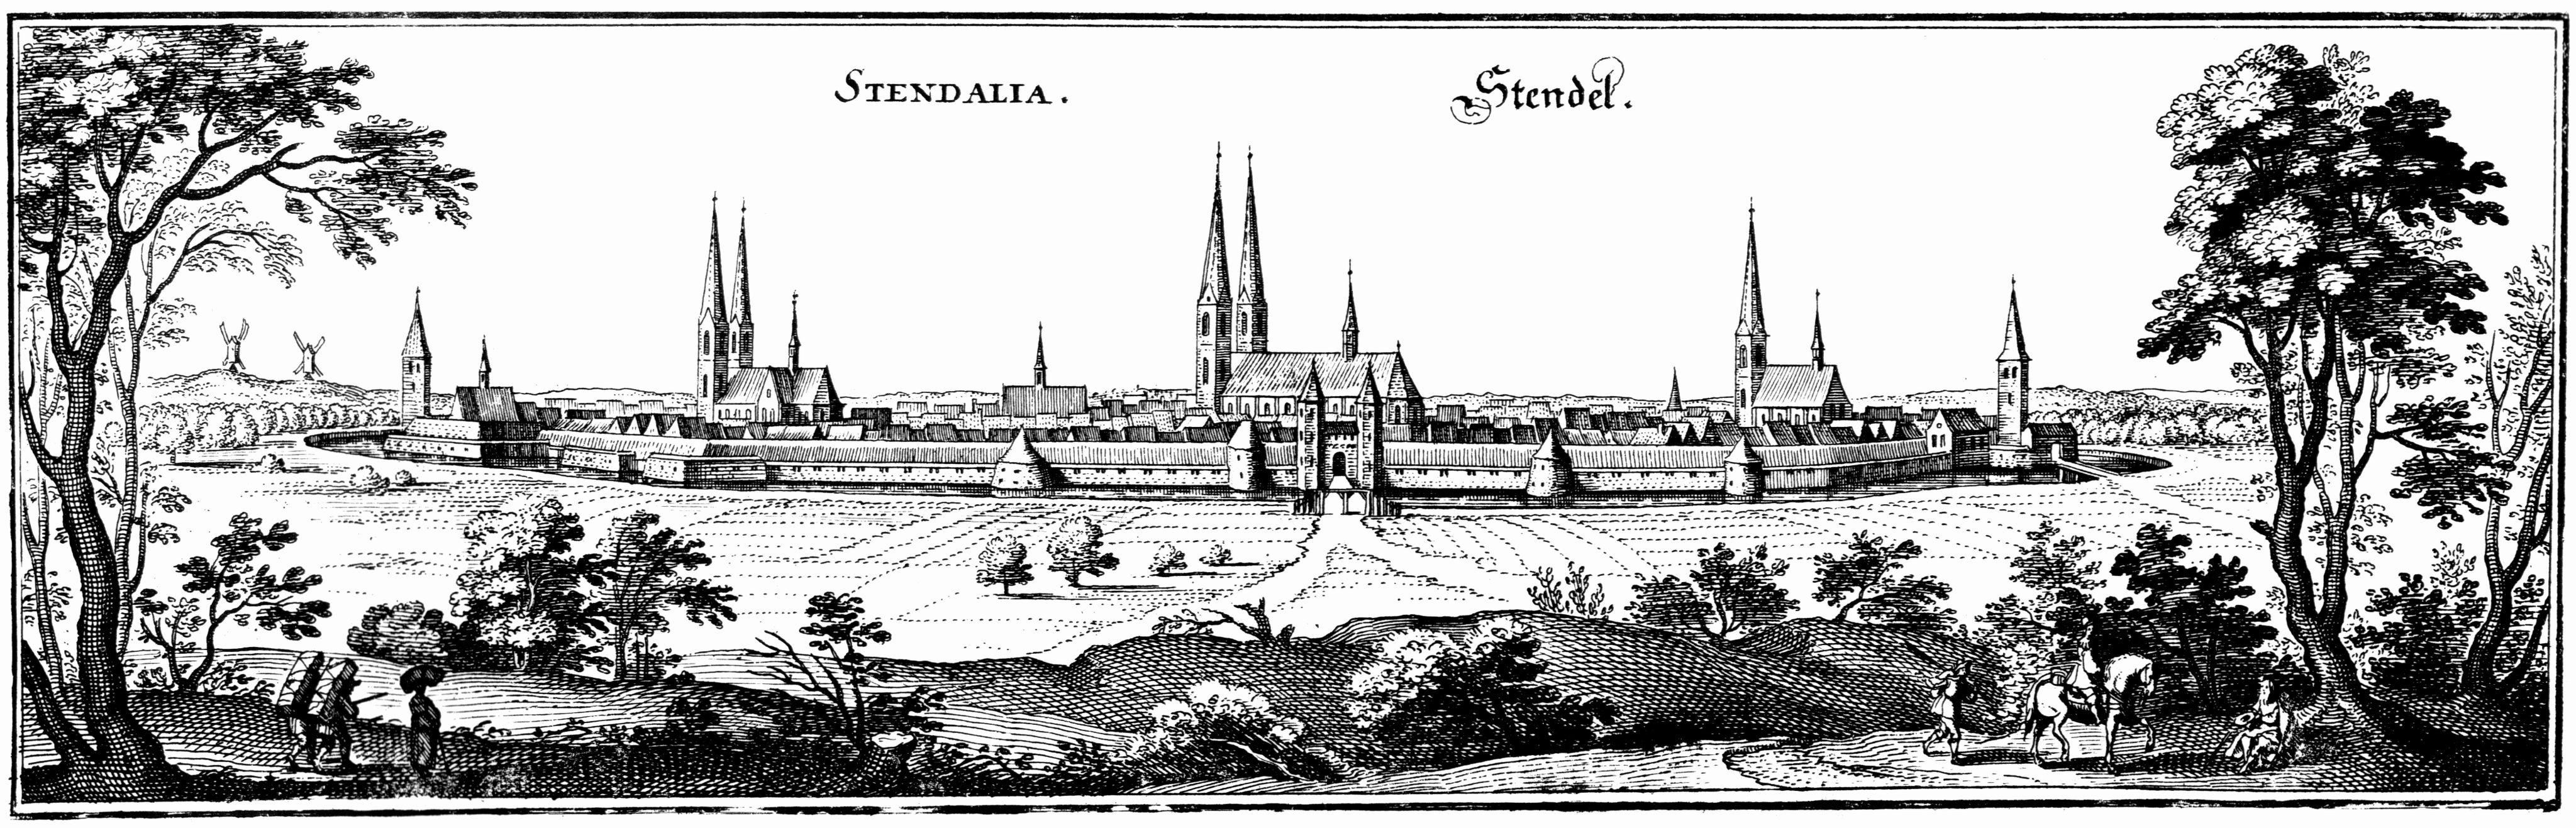 Stendal-1640-Merian.jpg (4096×1317)